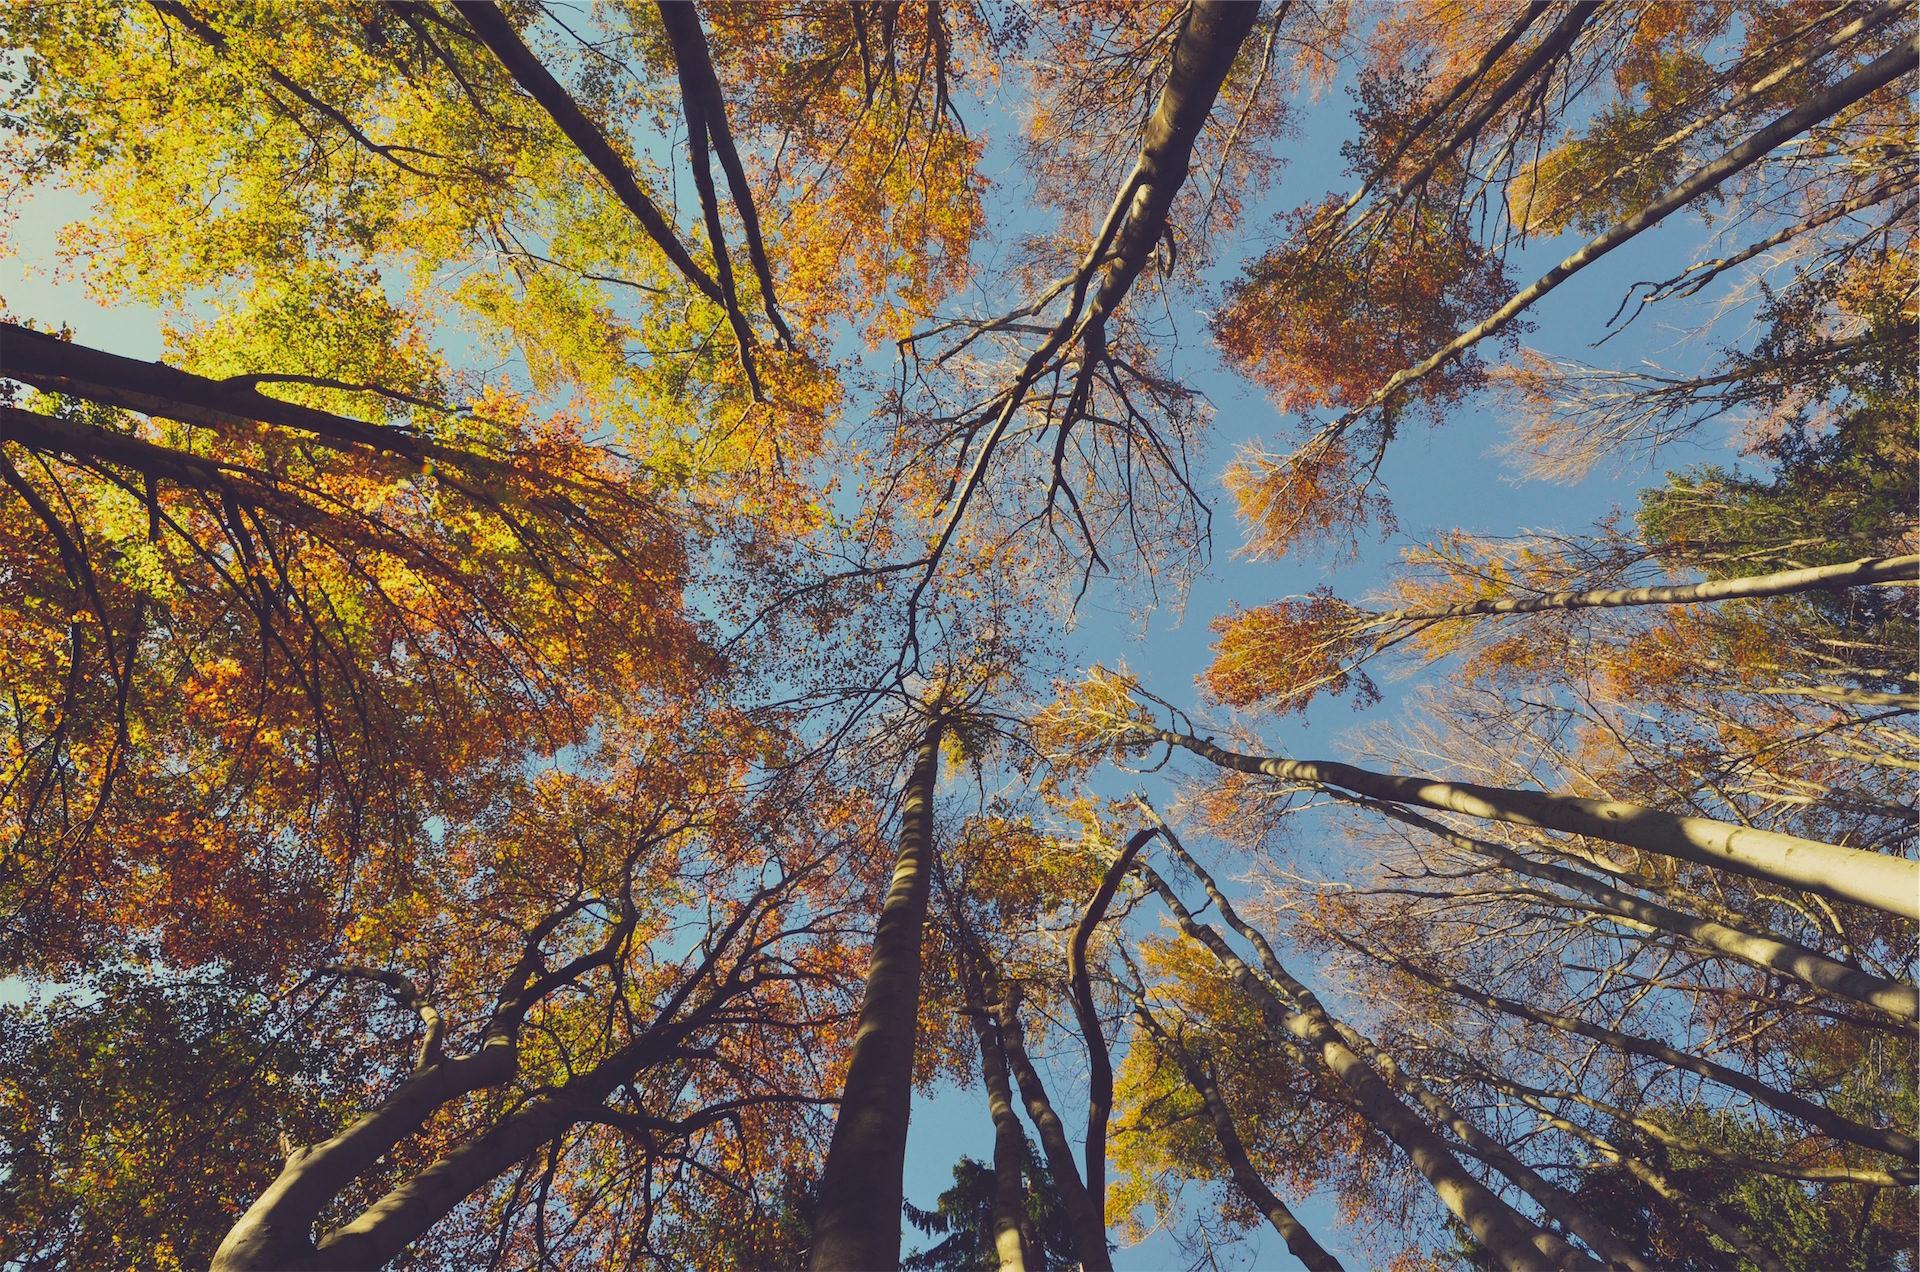 森林, 树木, copas, 天空, 高度 - 高清壁纸 - 教授-falken.com